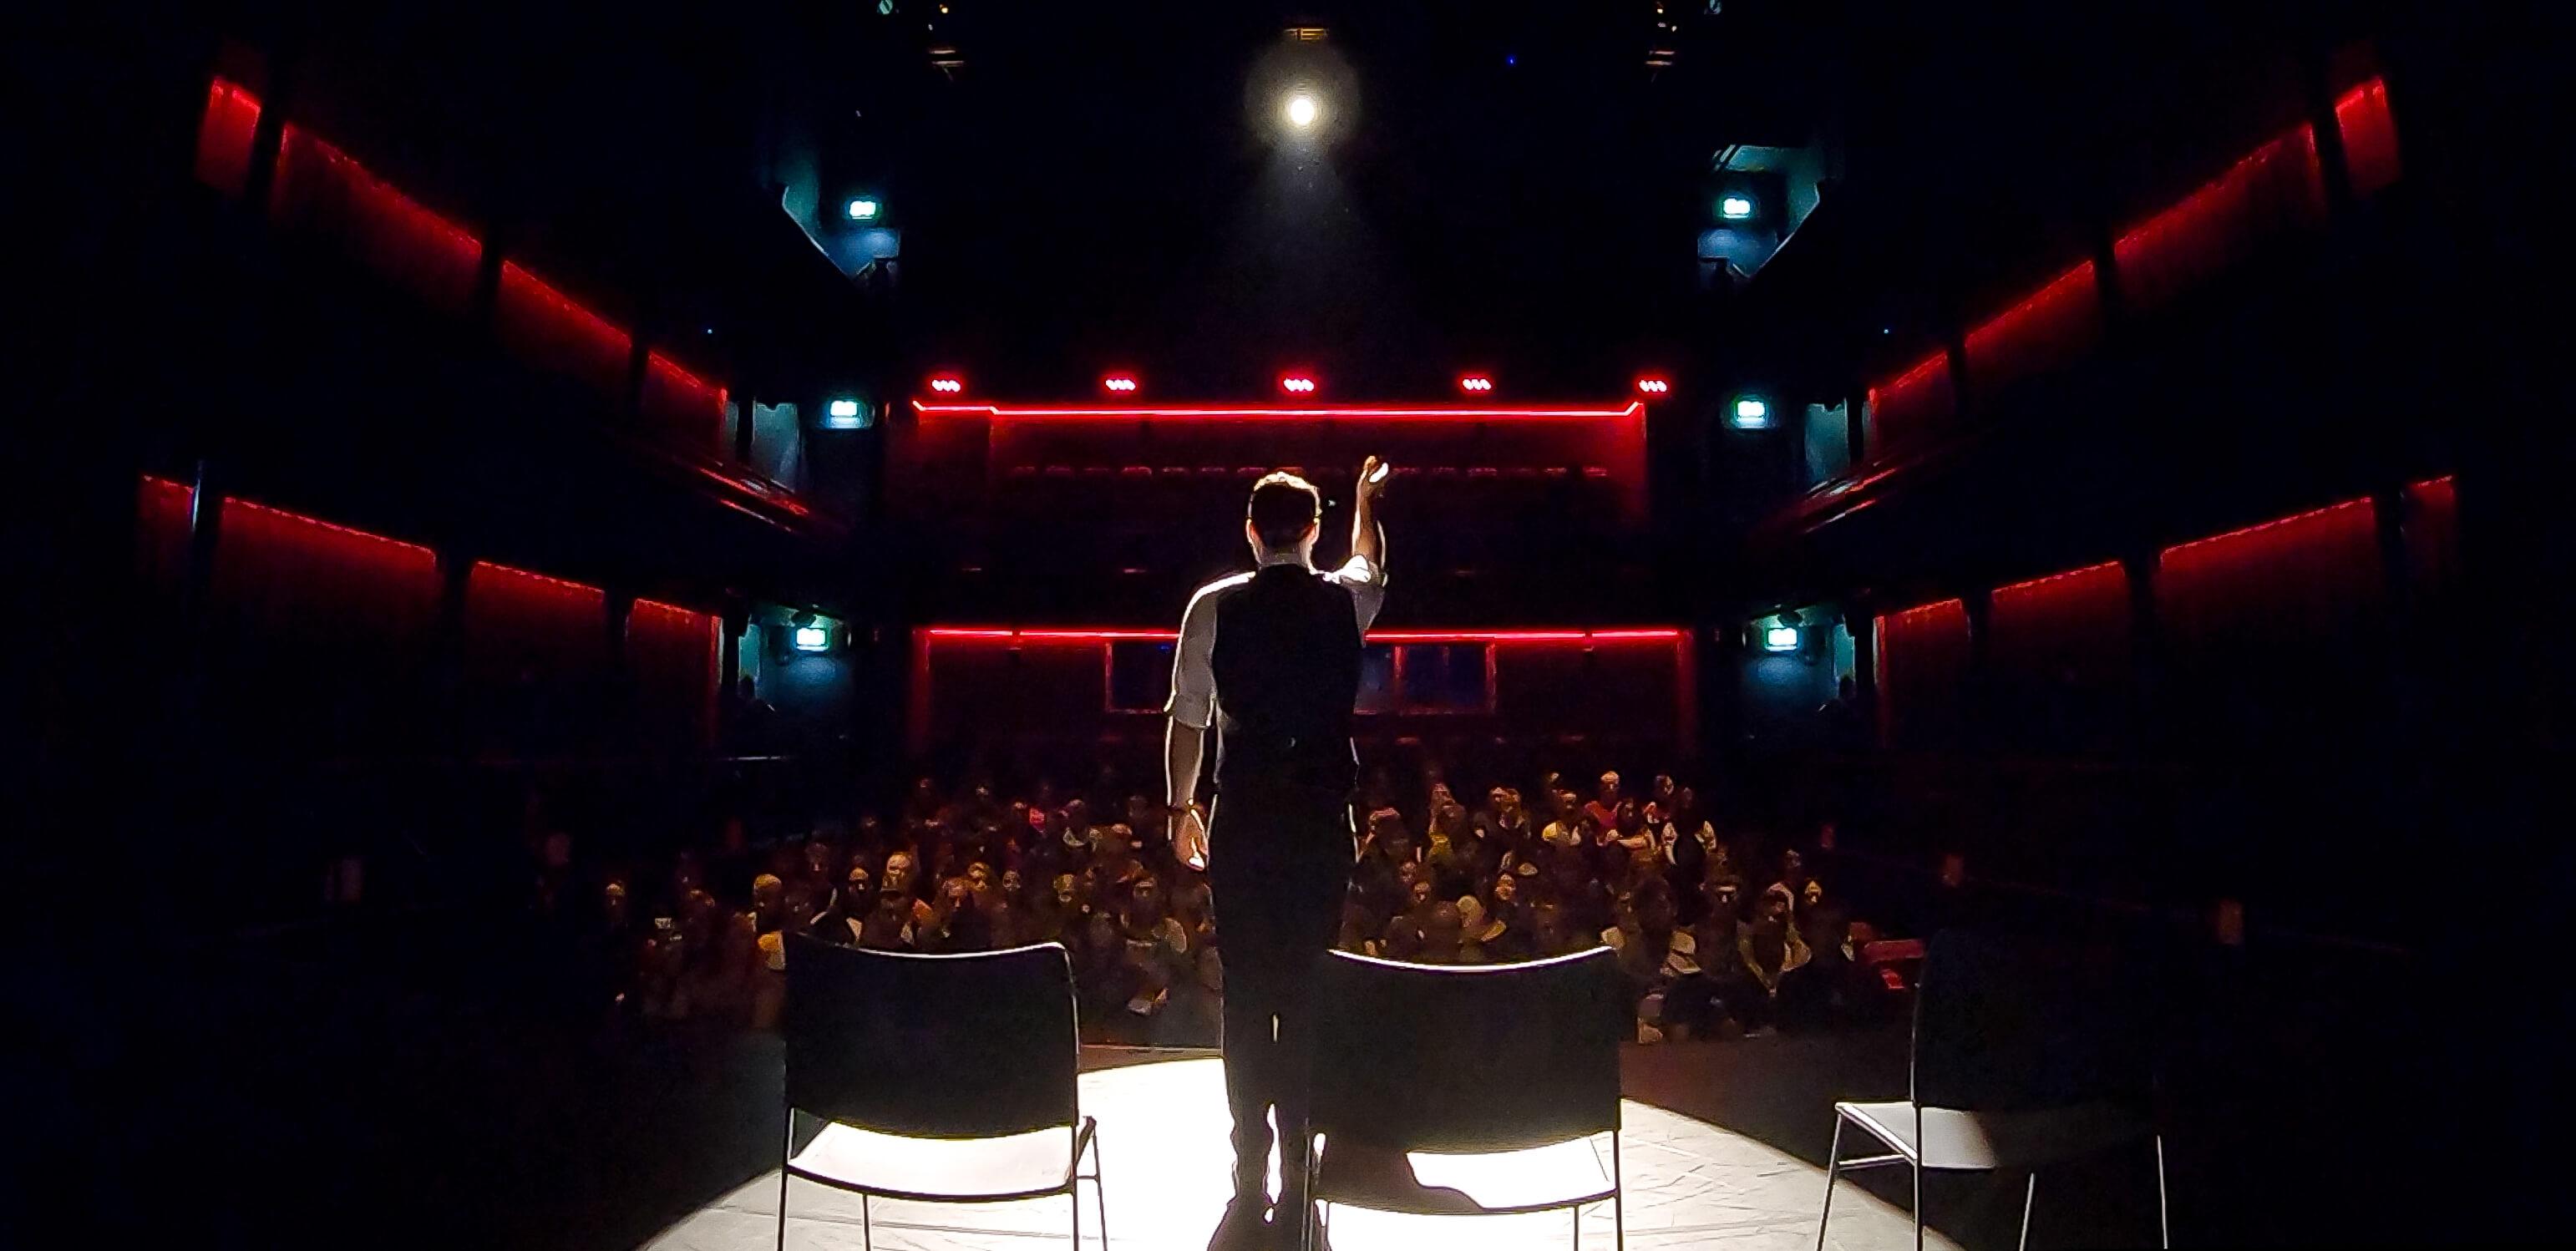 aaron calvert manchester mind reader and hypnotist on stage in 2020